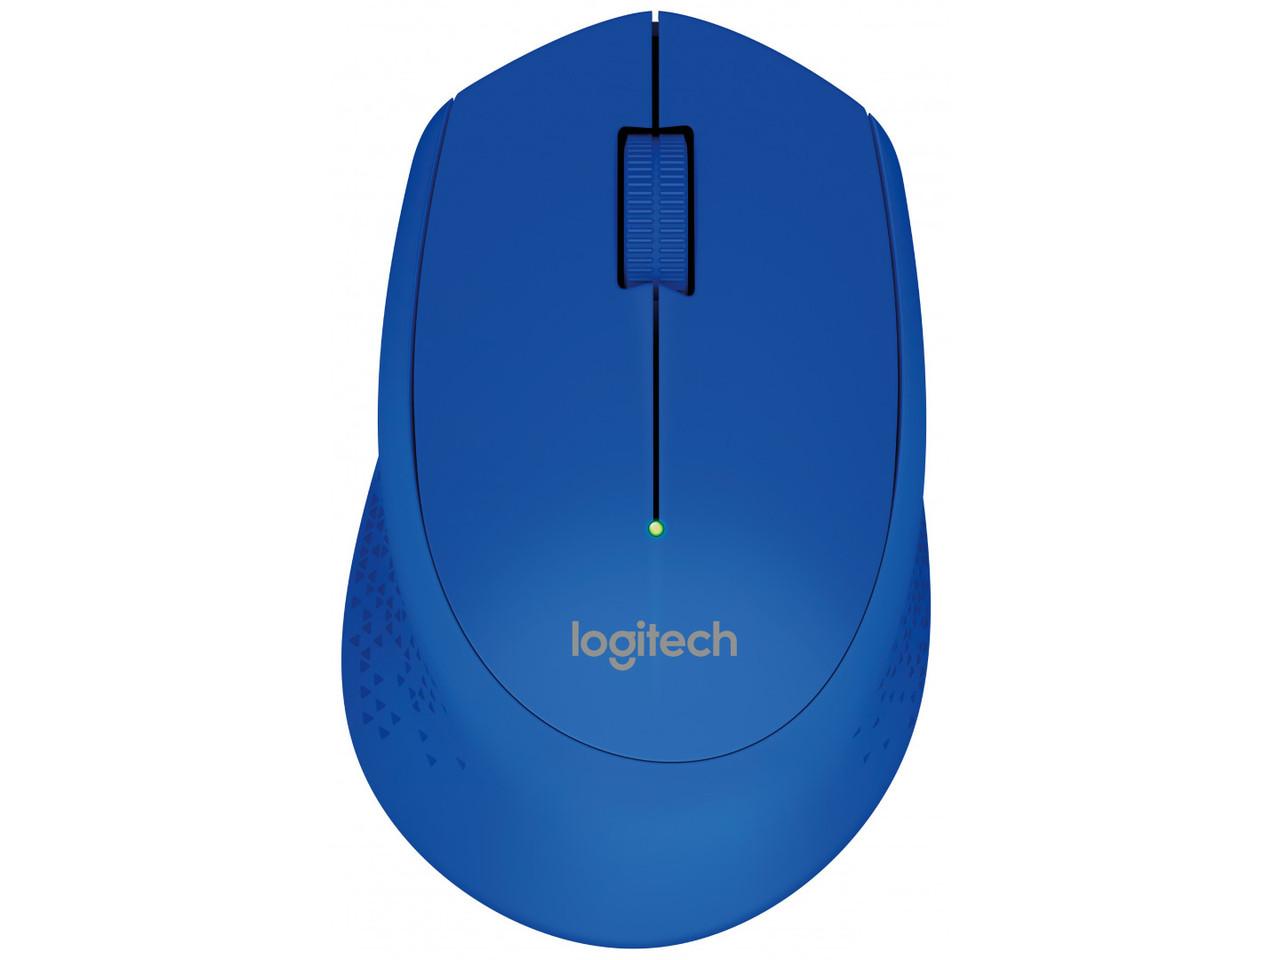 Мышь Logitech M280 беспроводная, 1000dpi, USB, синий (910-004294/910-004290)